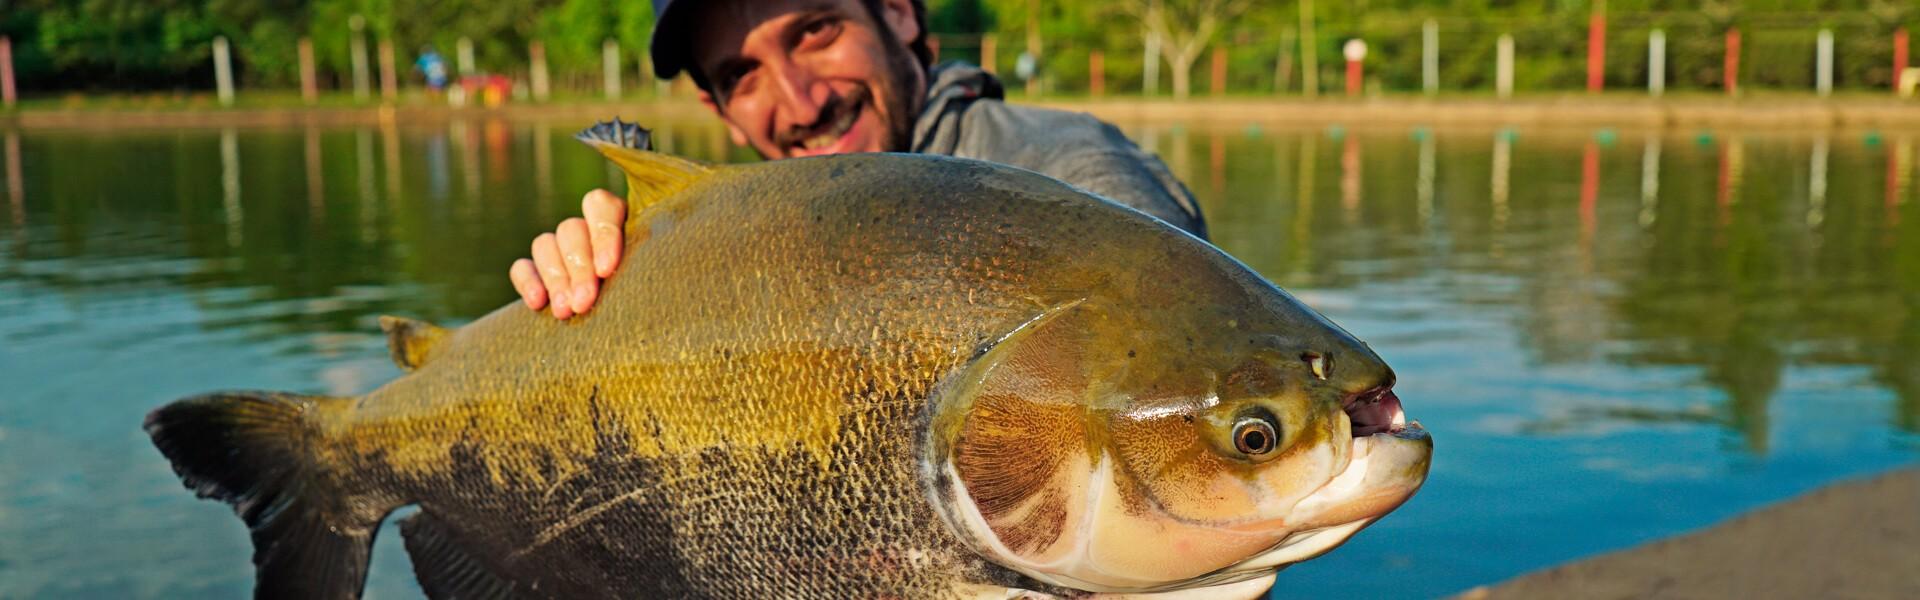 Campeonato Brasileiro em Pesqueiros: Paraná recebe a próxima etapa da competição